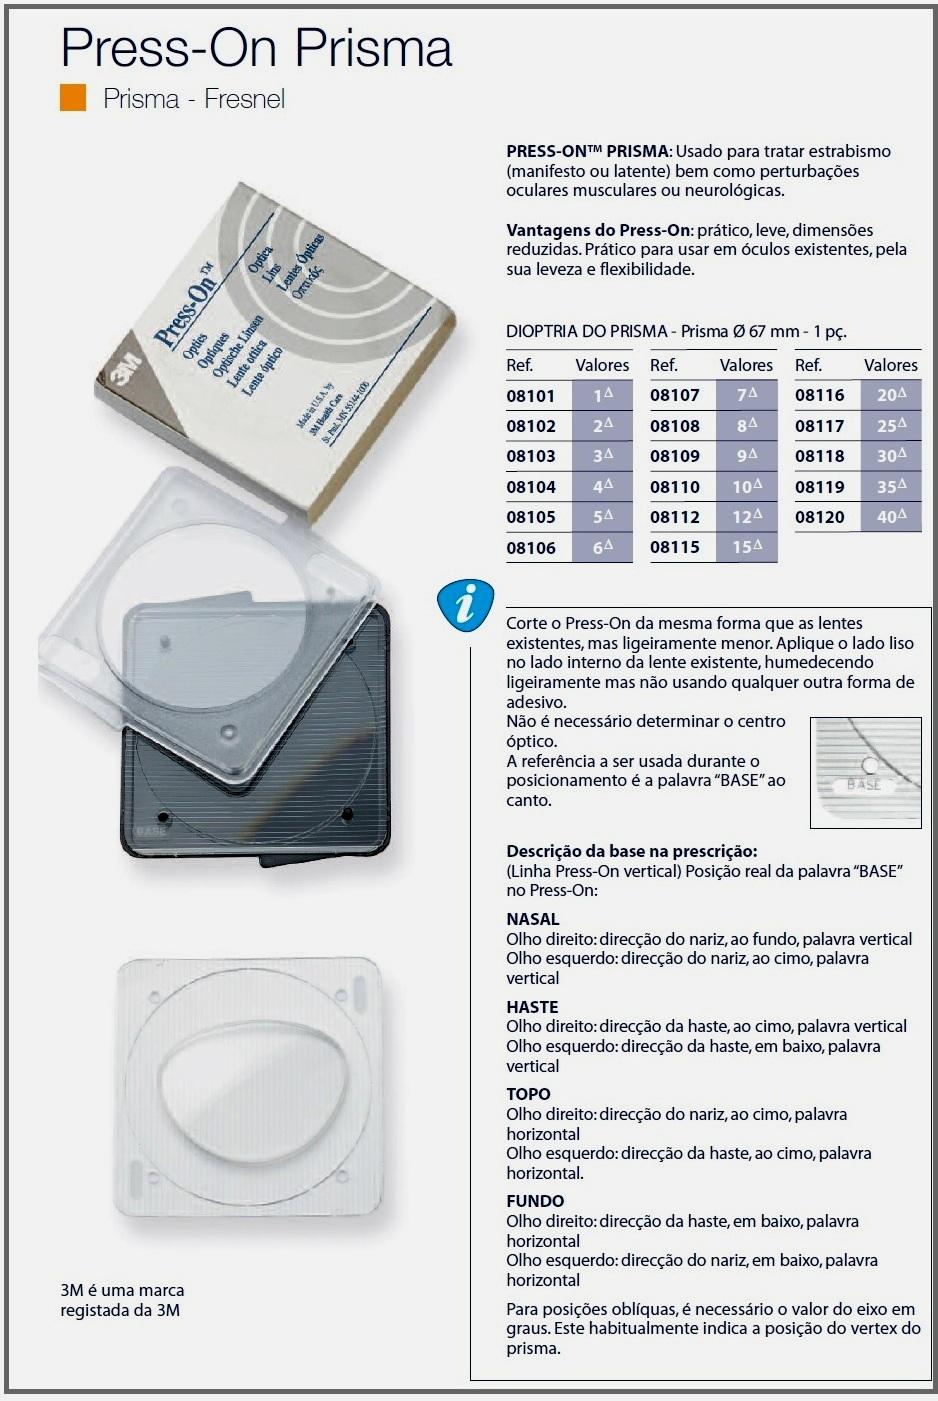 0208101 - CorreçãoVisual 02 Press-On Prisma 1 Mod 8101 FLAG O  -Contém 1 Peça